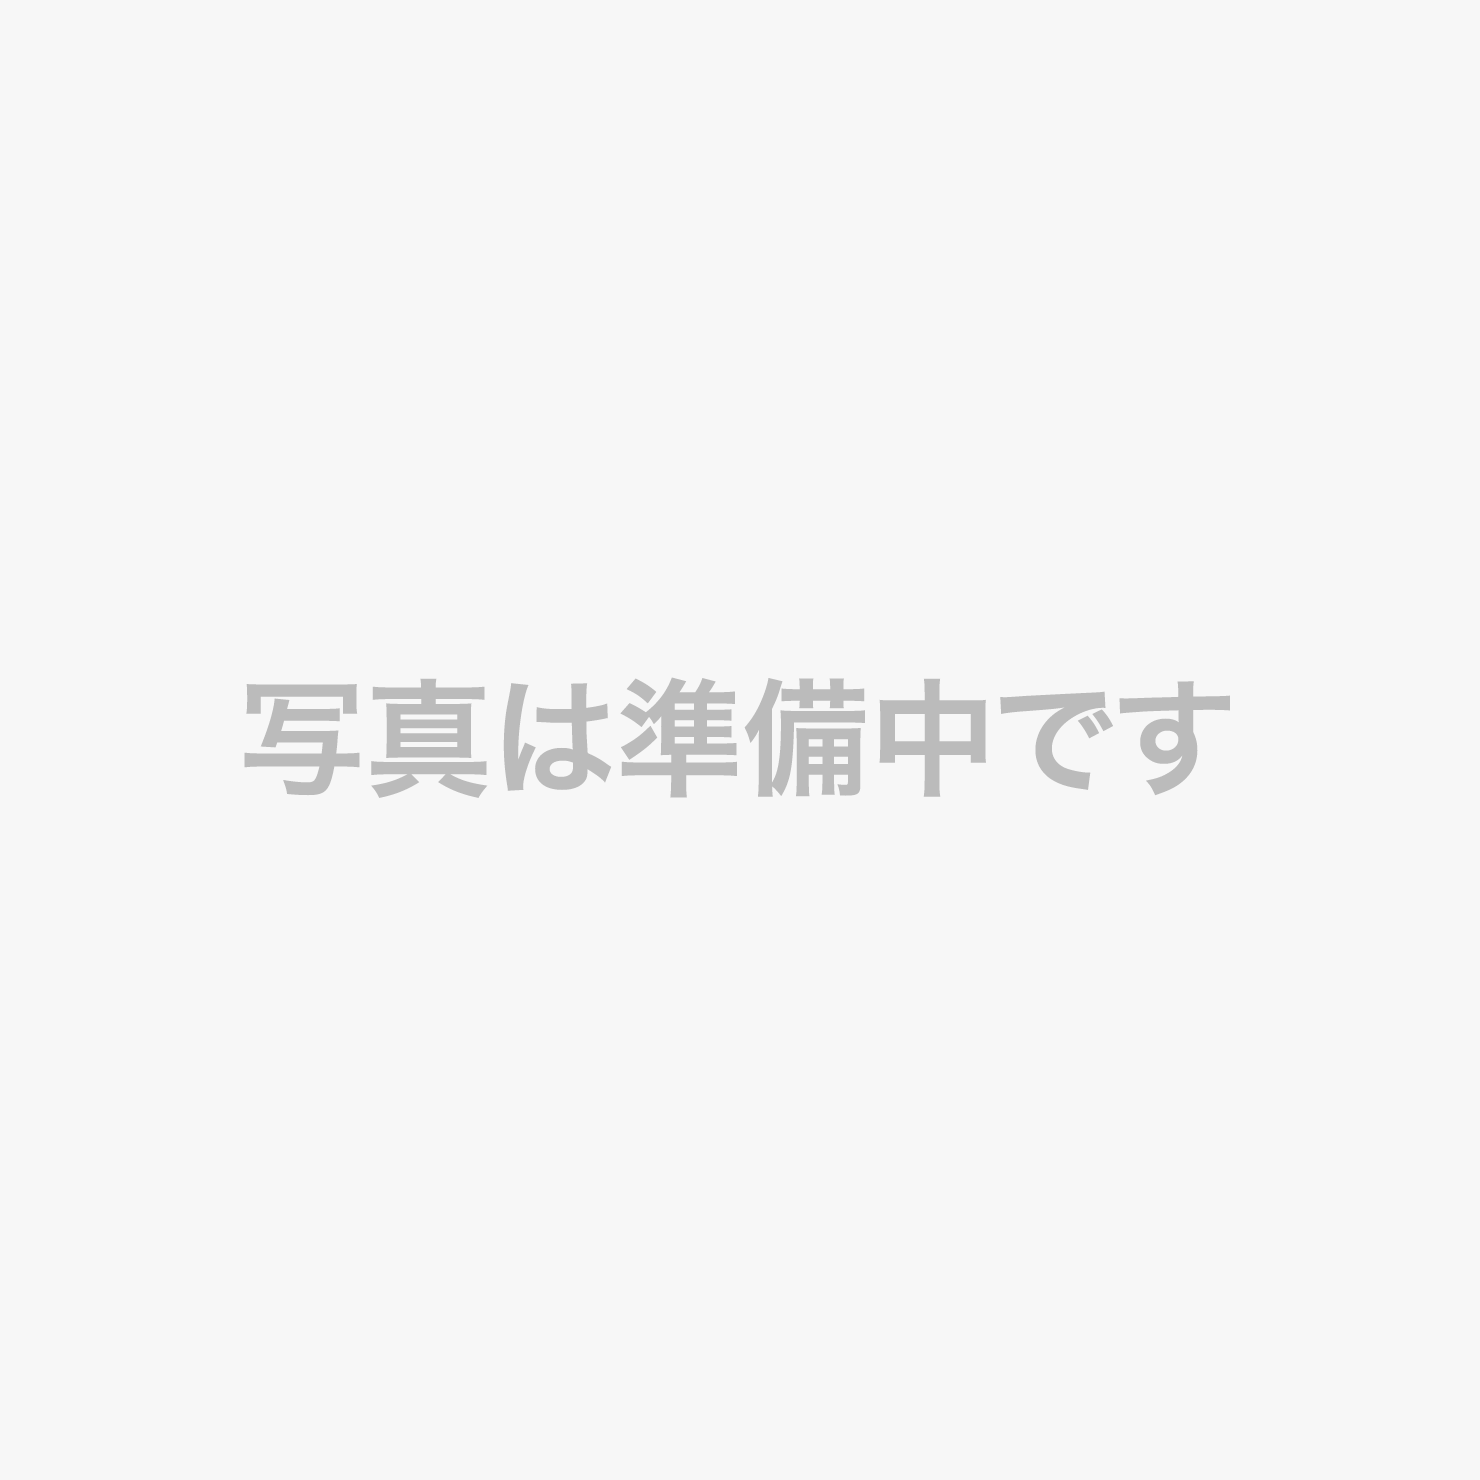 仙台青葉まつり(写真提供:宮城県観光課)